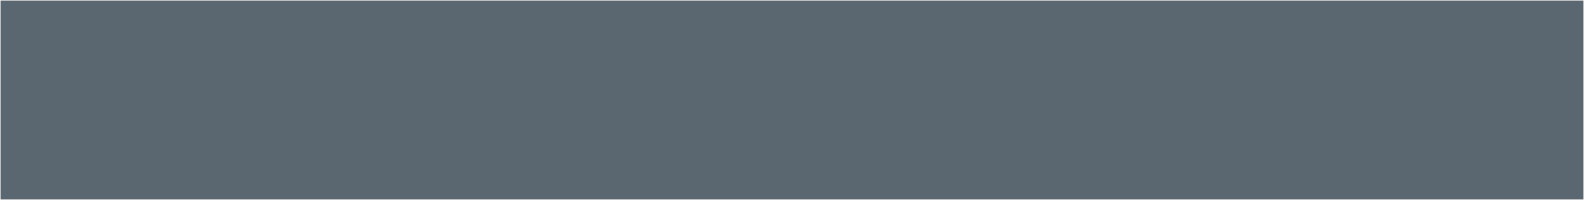 Product-Colour-Block-Maritime-Lien